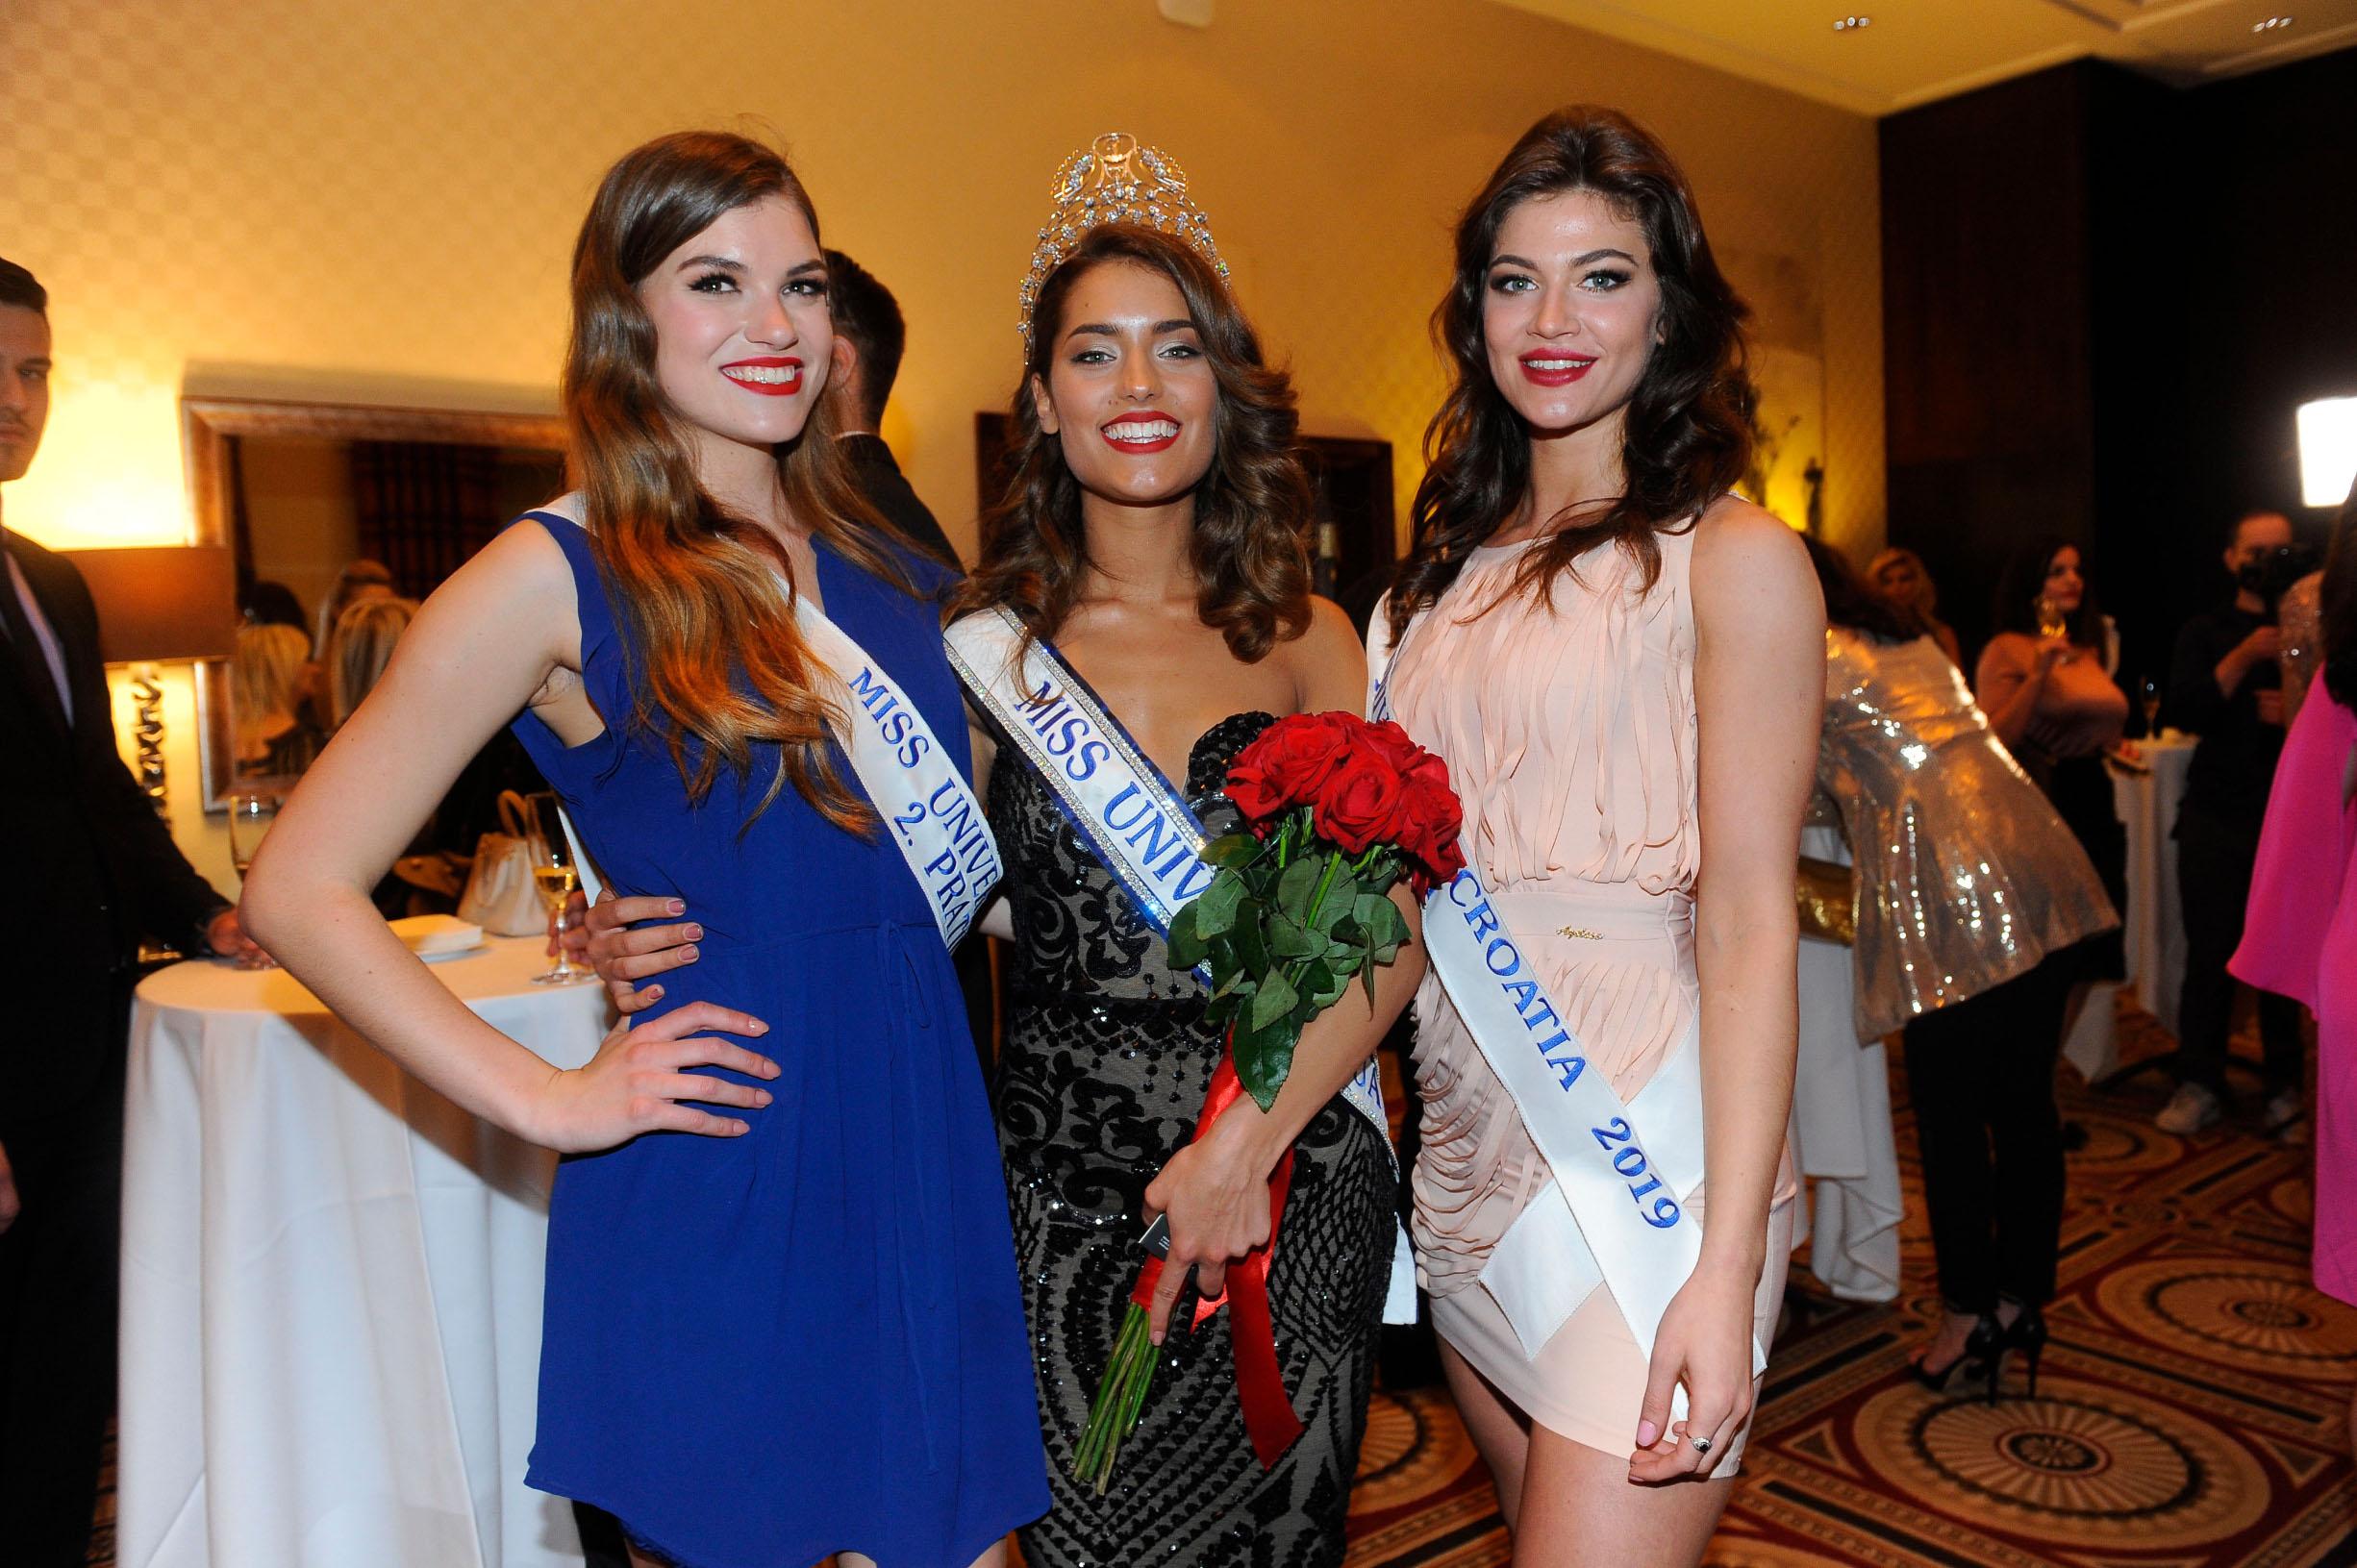 Druga pratilja Maja Čatlak, Miss Universe Mia Rkman, Prva pratilja Tea Slavica